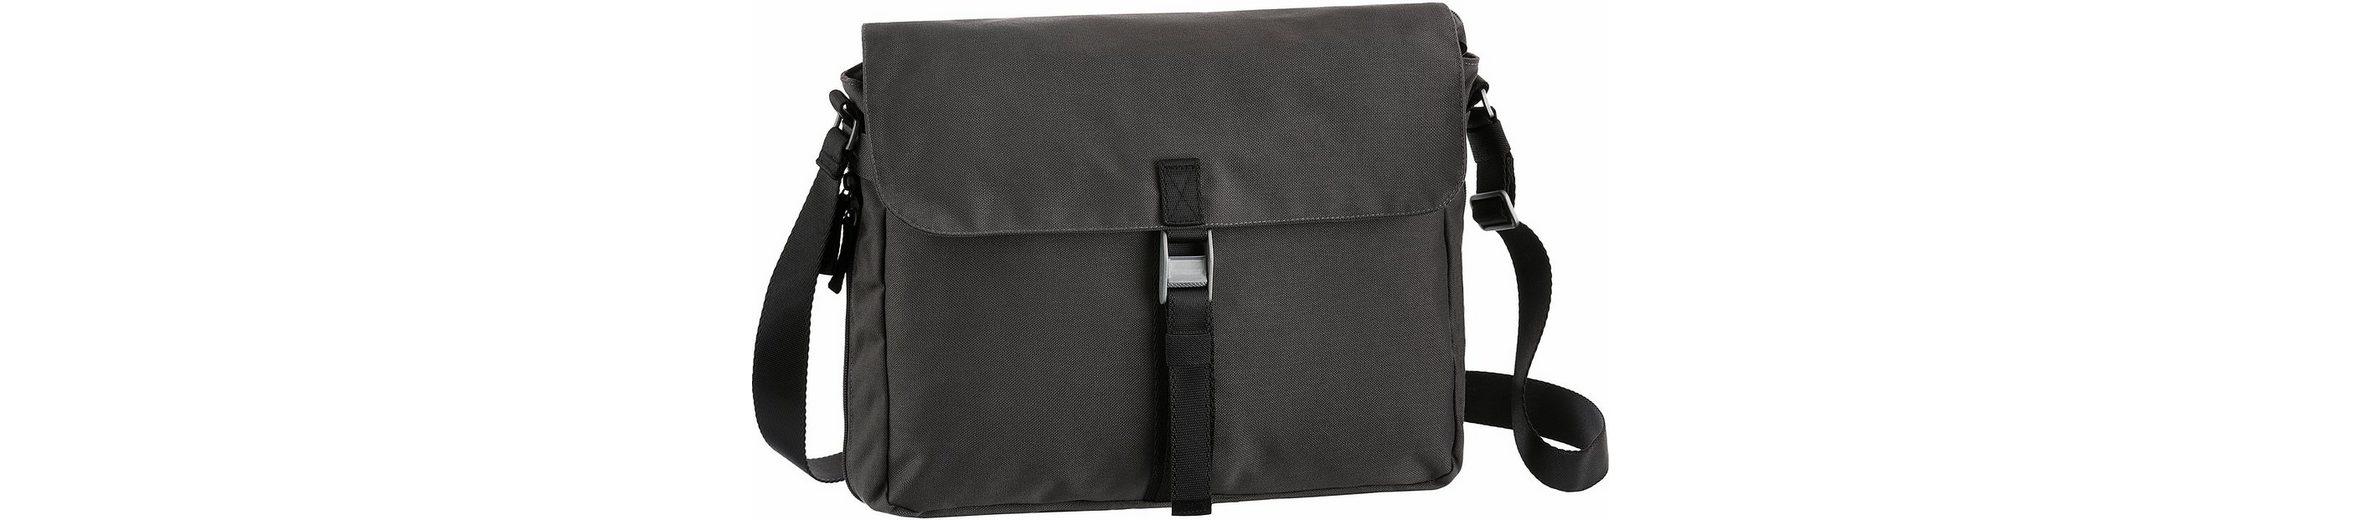 CARGO Umh盲ngetasche mit 13-Zoll Laptopfach, Cargo 101, grau, L